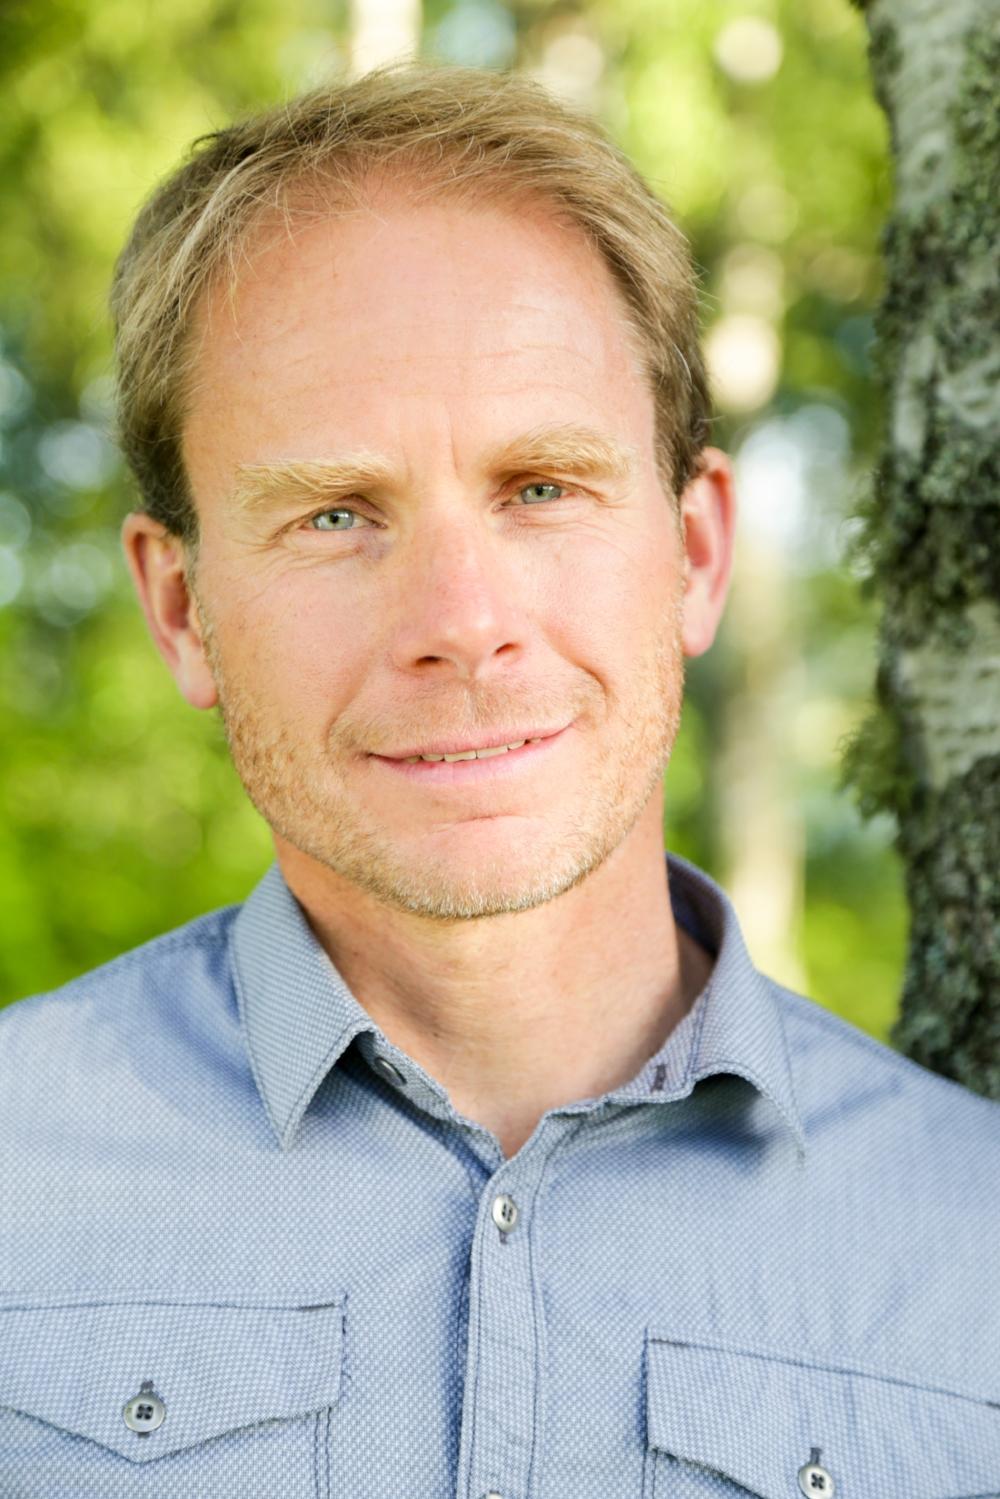 """""""Kunskap om friluftslivets utövande och hinder är därför värdefull för myndigheter och organisationer som vill underlätta för fler att komma ut i naturen och ägna sig åt friluftsliv."""" - Peter Fredman, friluftsforskare och professor i turismvetenskap vid Mittuniversitetet"""